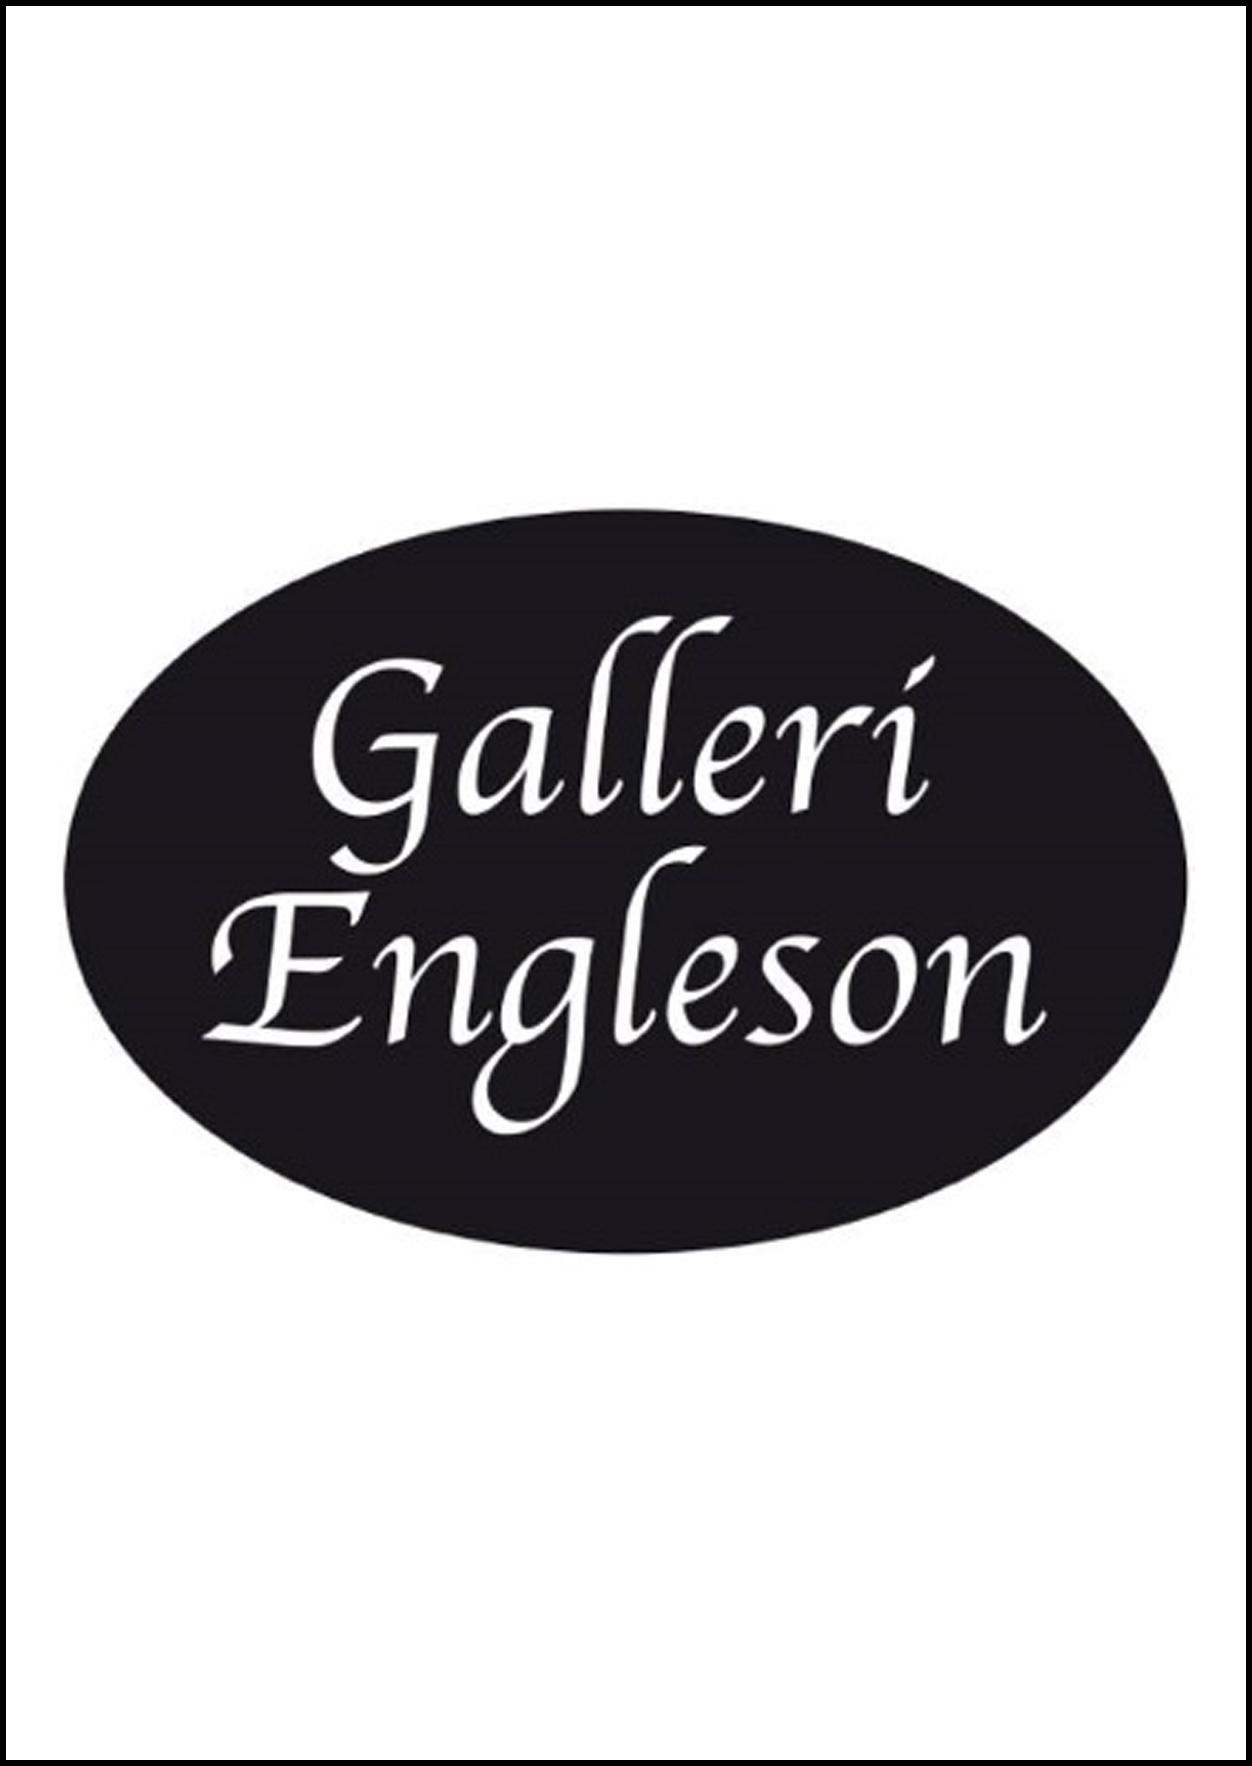 GAlleri engleson - GOTHENBURG, SWEDENExpo: 05/08/2016 - 11/08/2016Vernissage: 06/08/2016 (11h00-16h00)